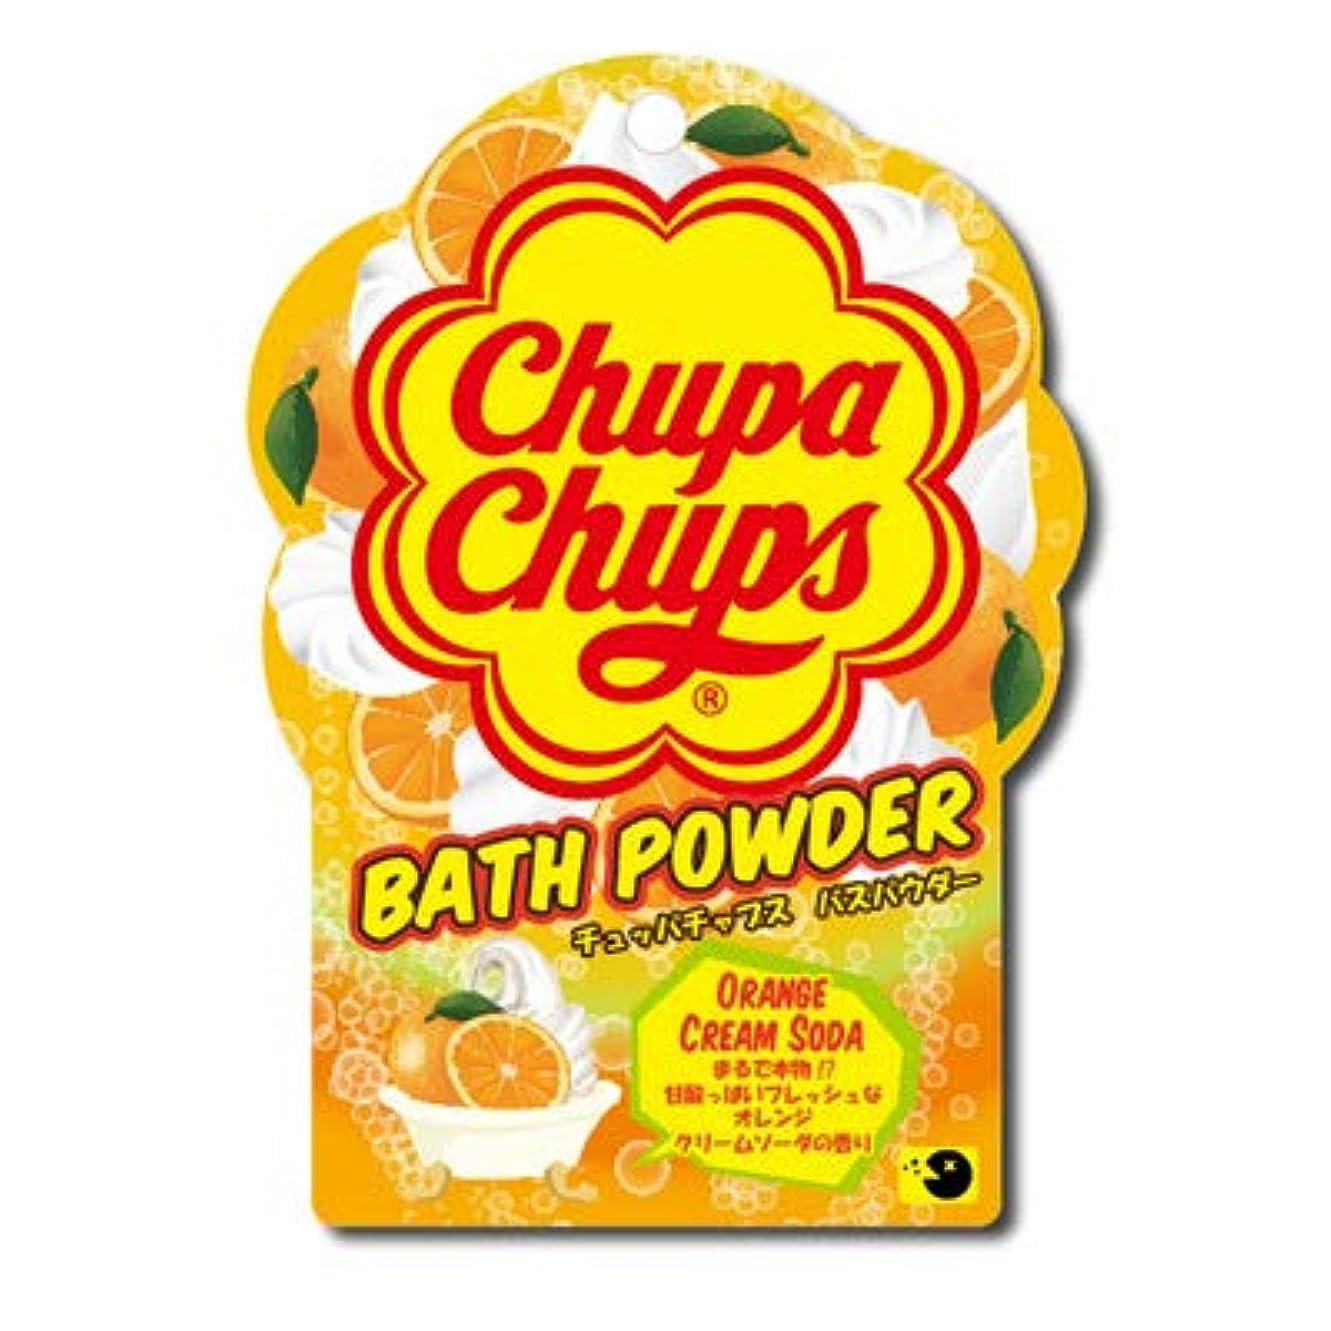 遠近法経過パッド【まとめ買い3個セット】 チュッパチャプスバスパウダー オレンジクリームソーダ